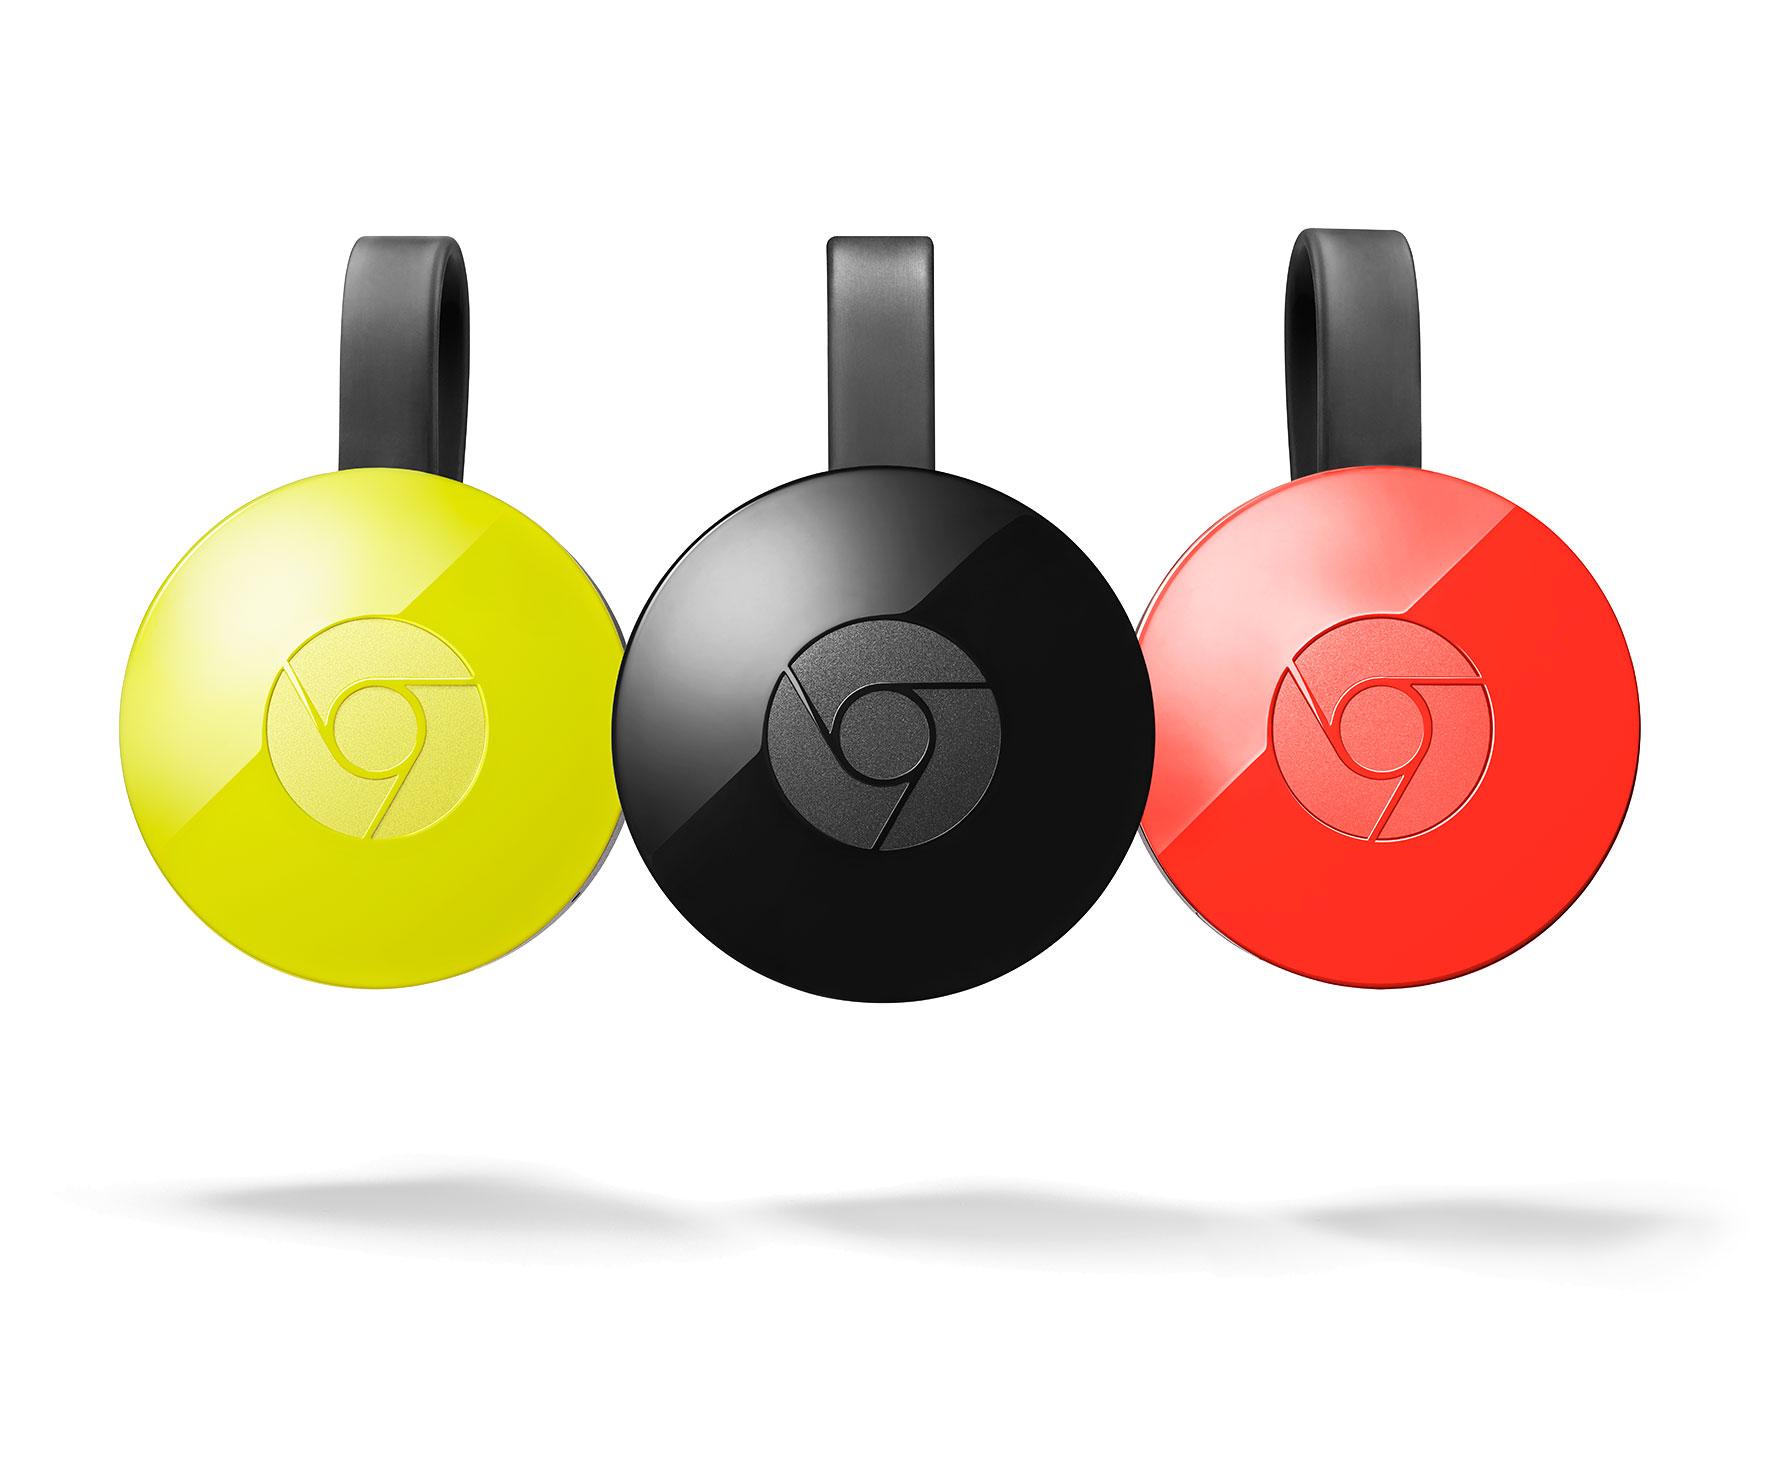 Le Google Chromecast 2 est à seulement 27 euros, vous n'êtes toujours pas équipés ?